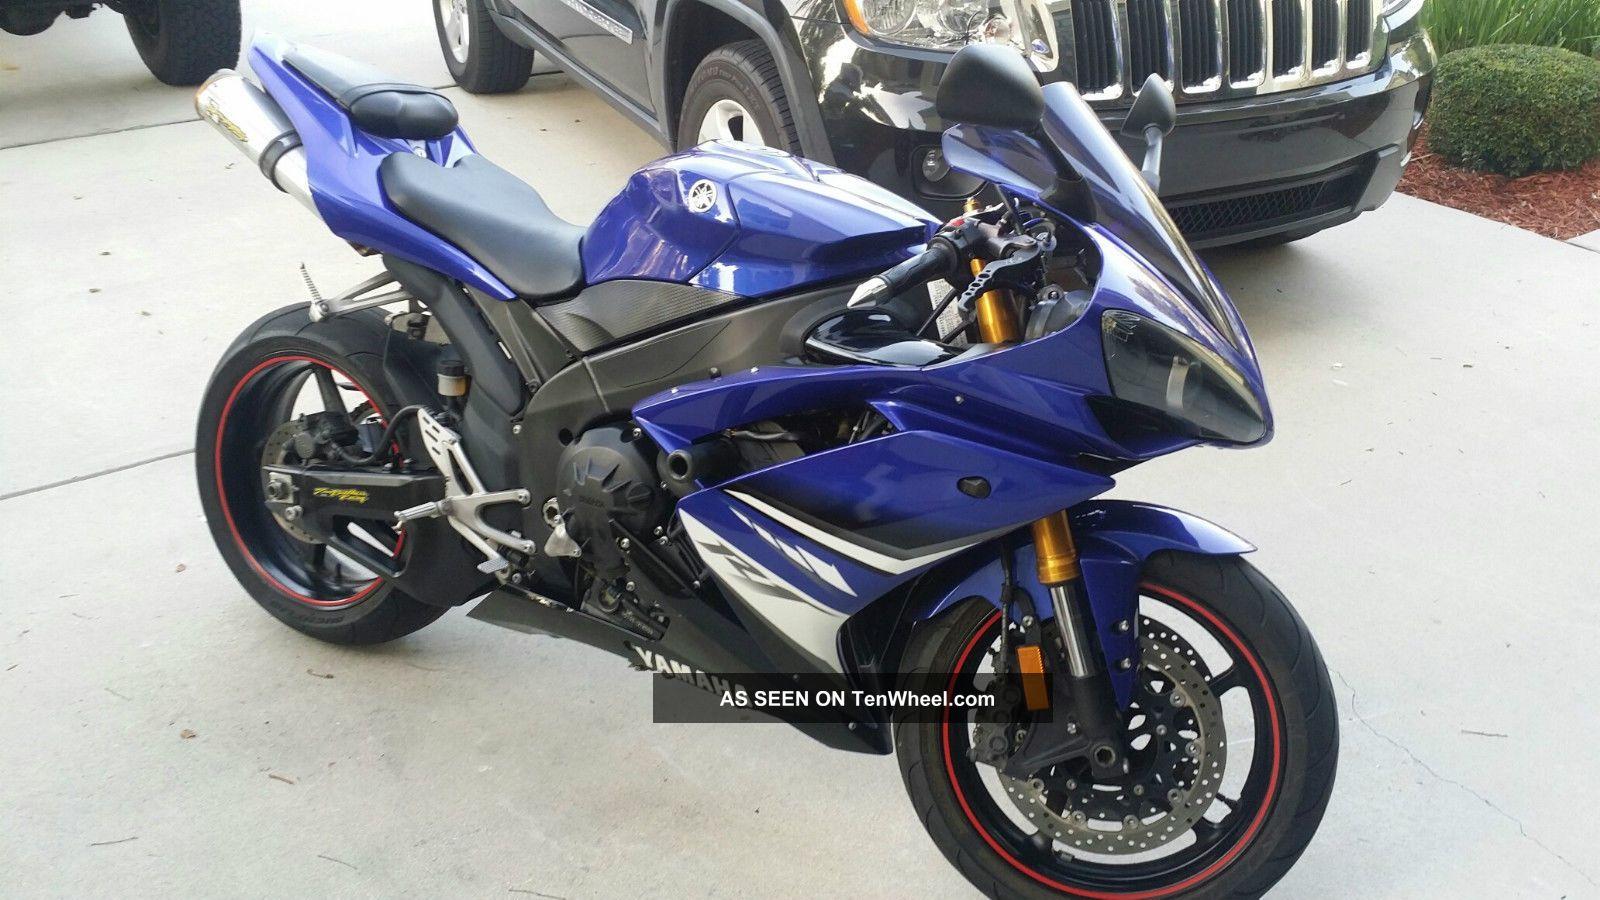 2008 Yamaha R1 (not Suzuki,  Cbr,  Kawasaki,  Zx10,  Ducati) YZF-R photo